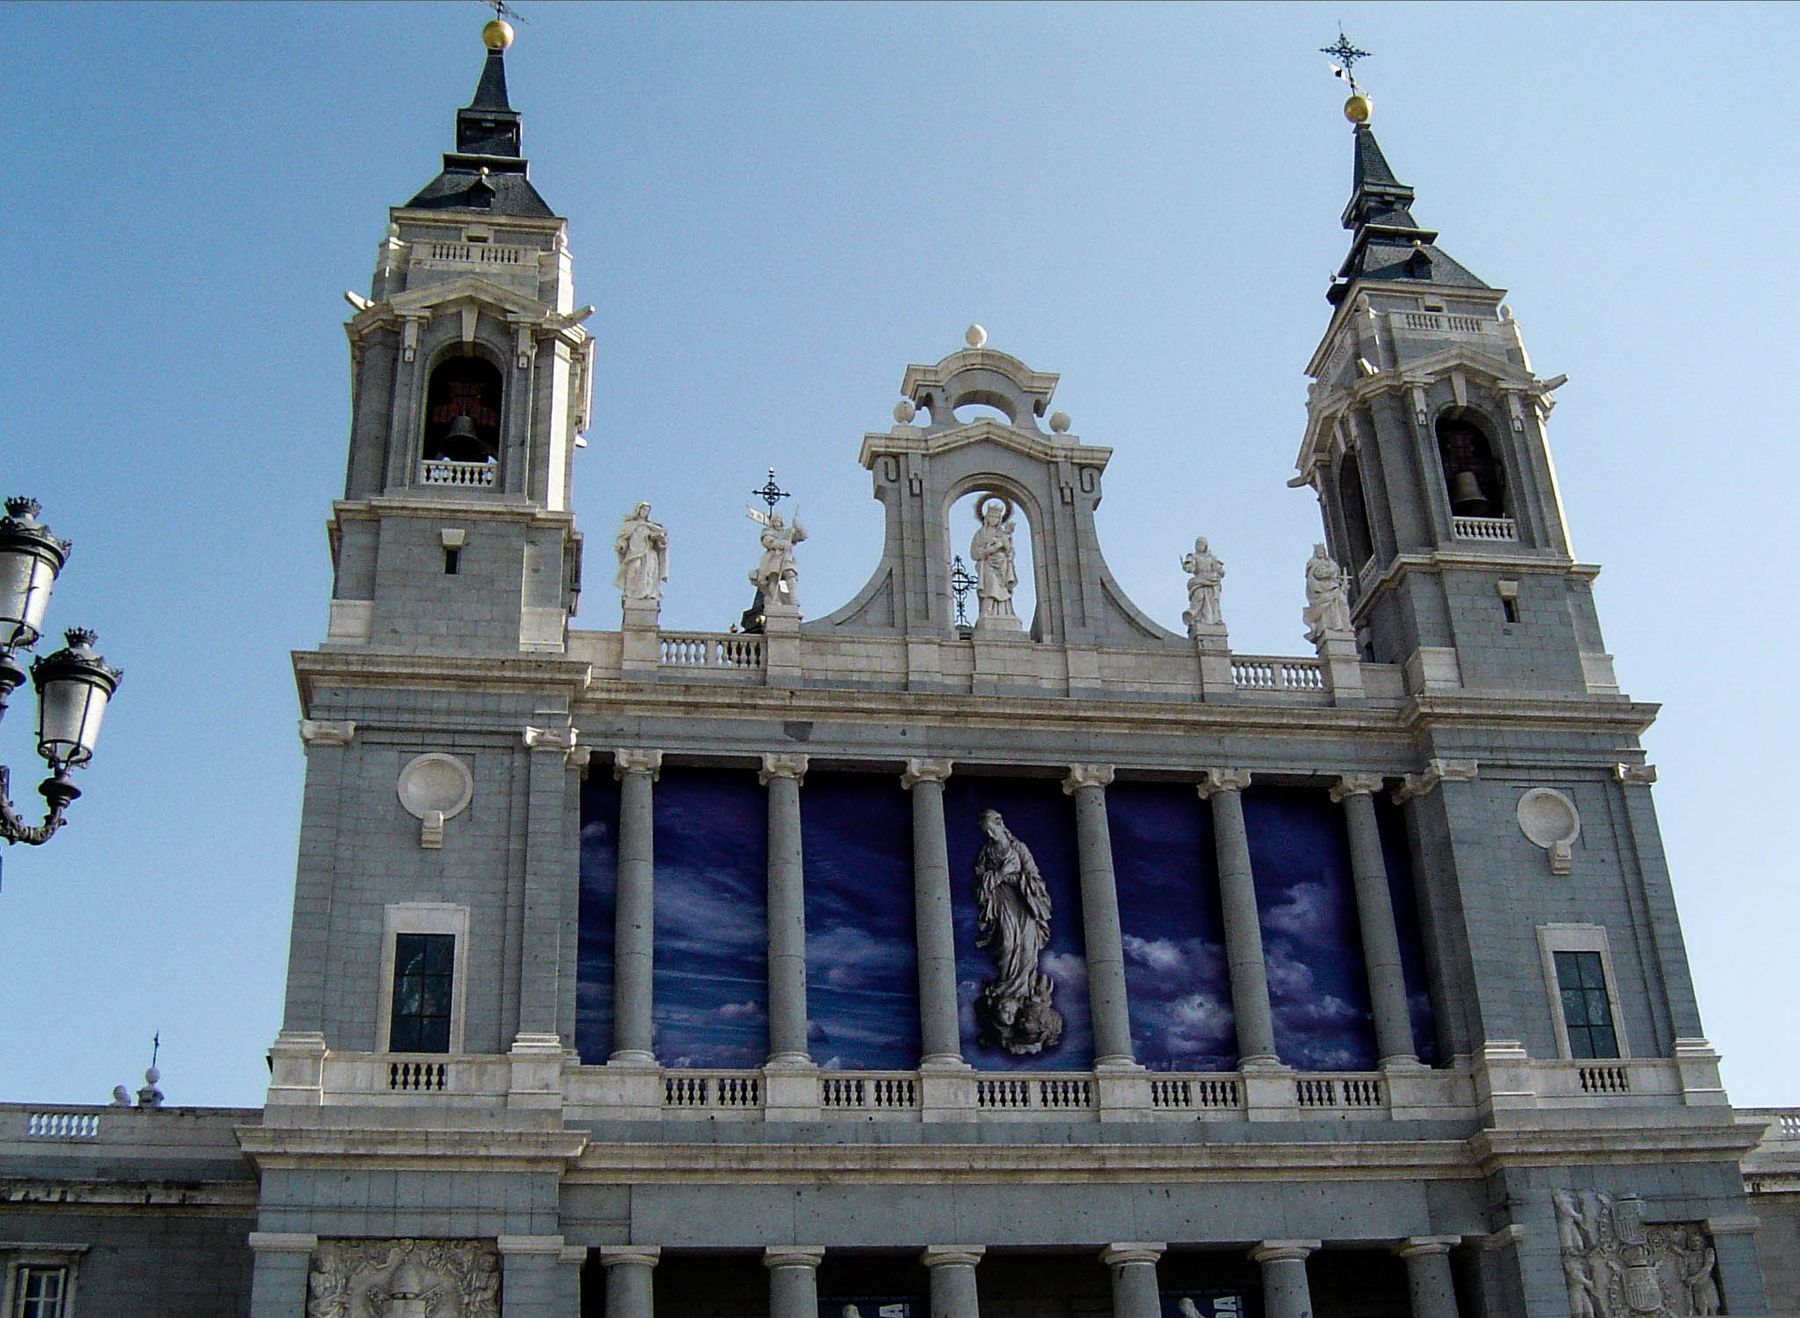 Мадрид, Испания (13.06.2005)